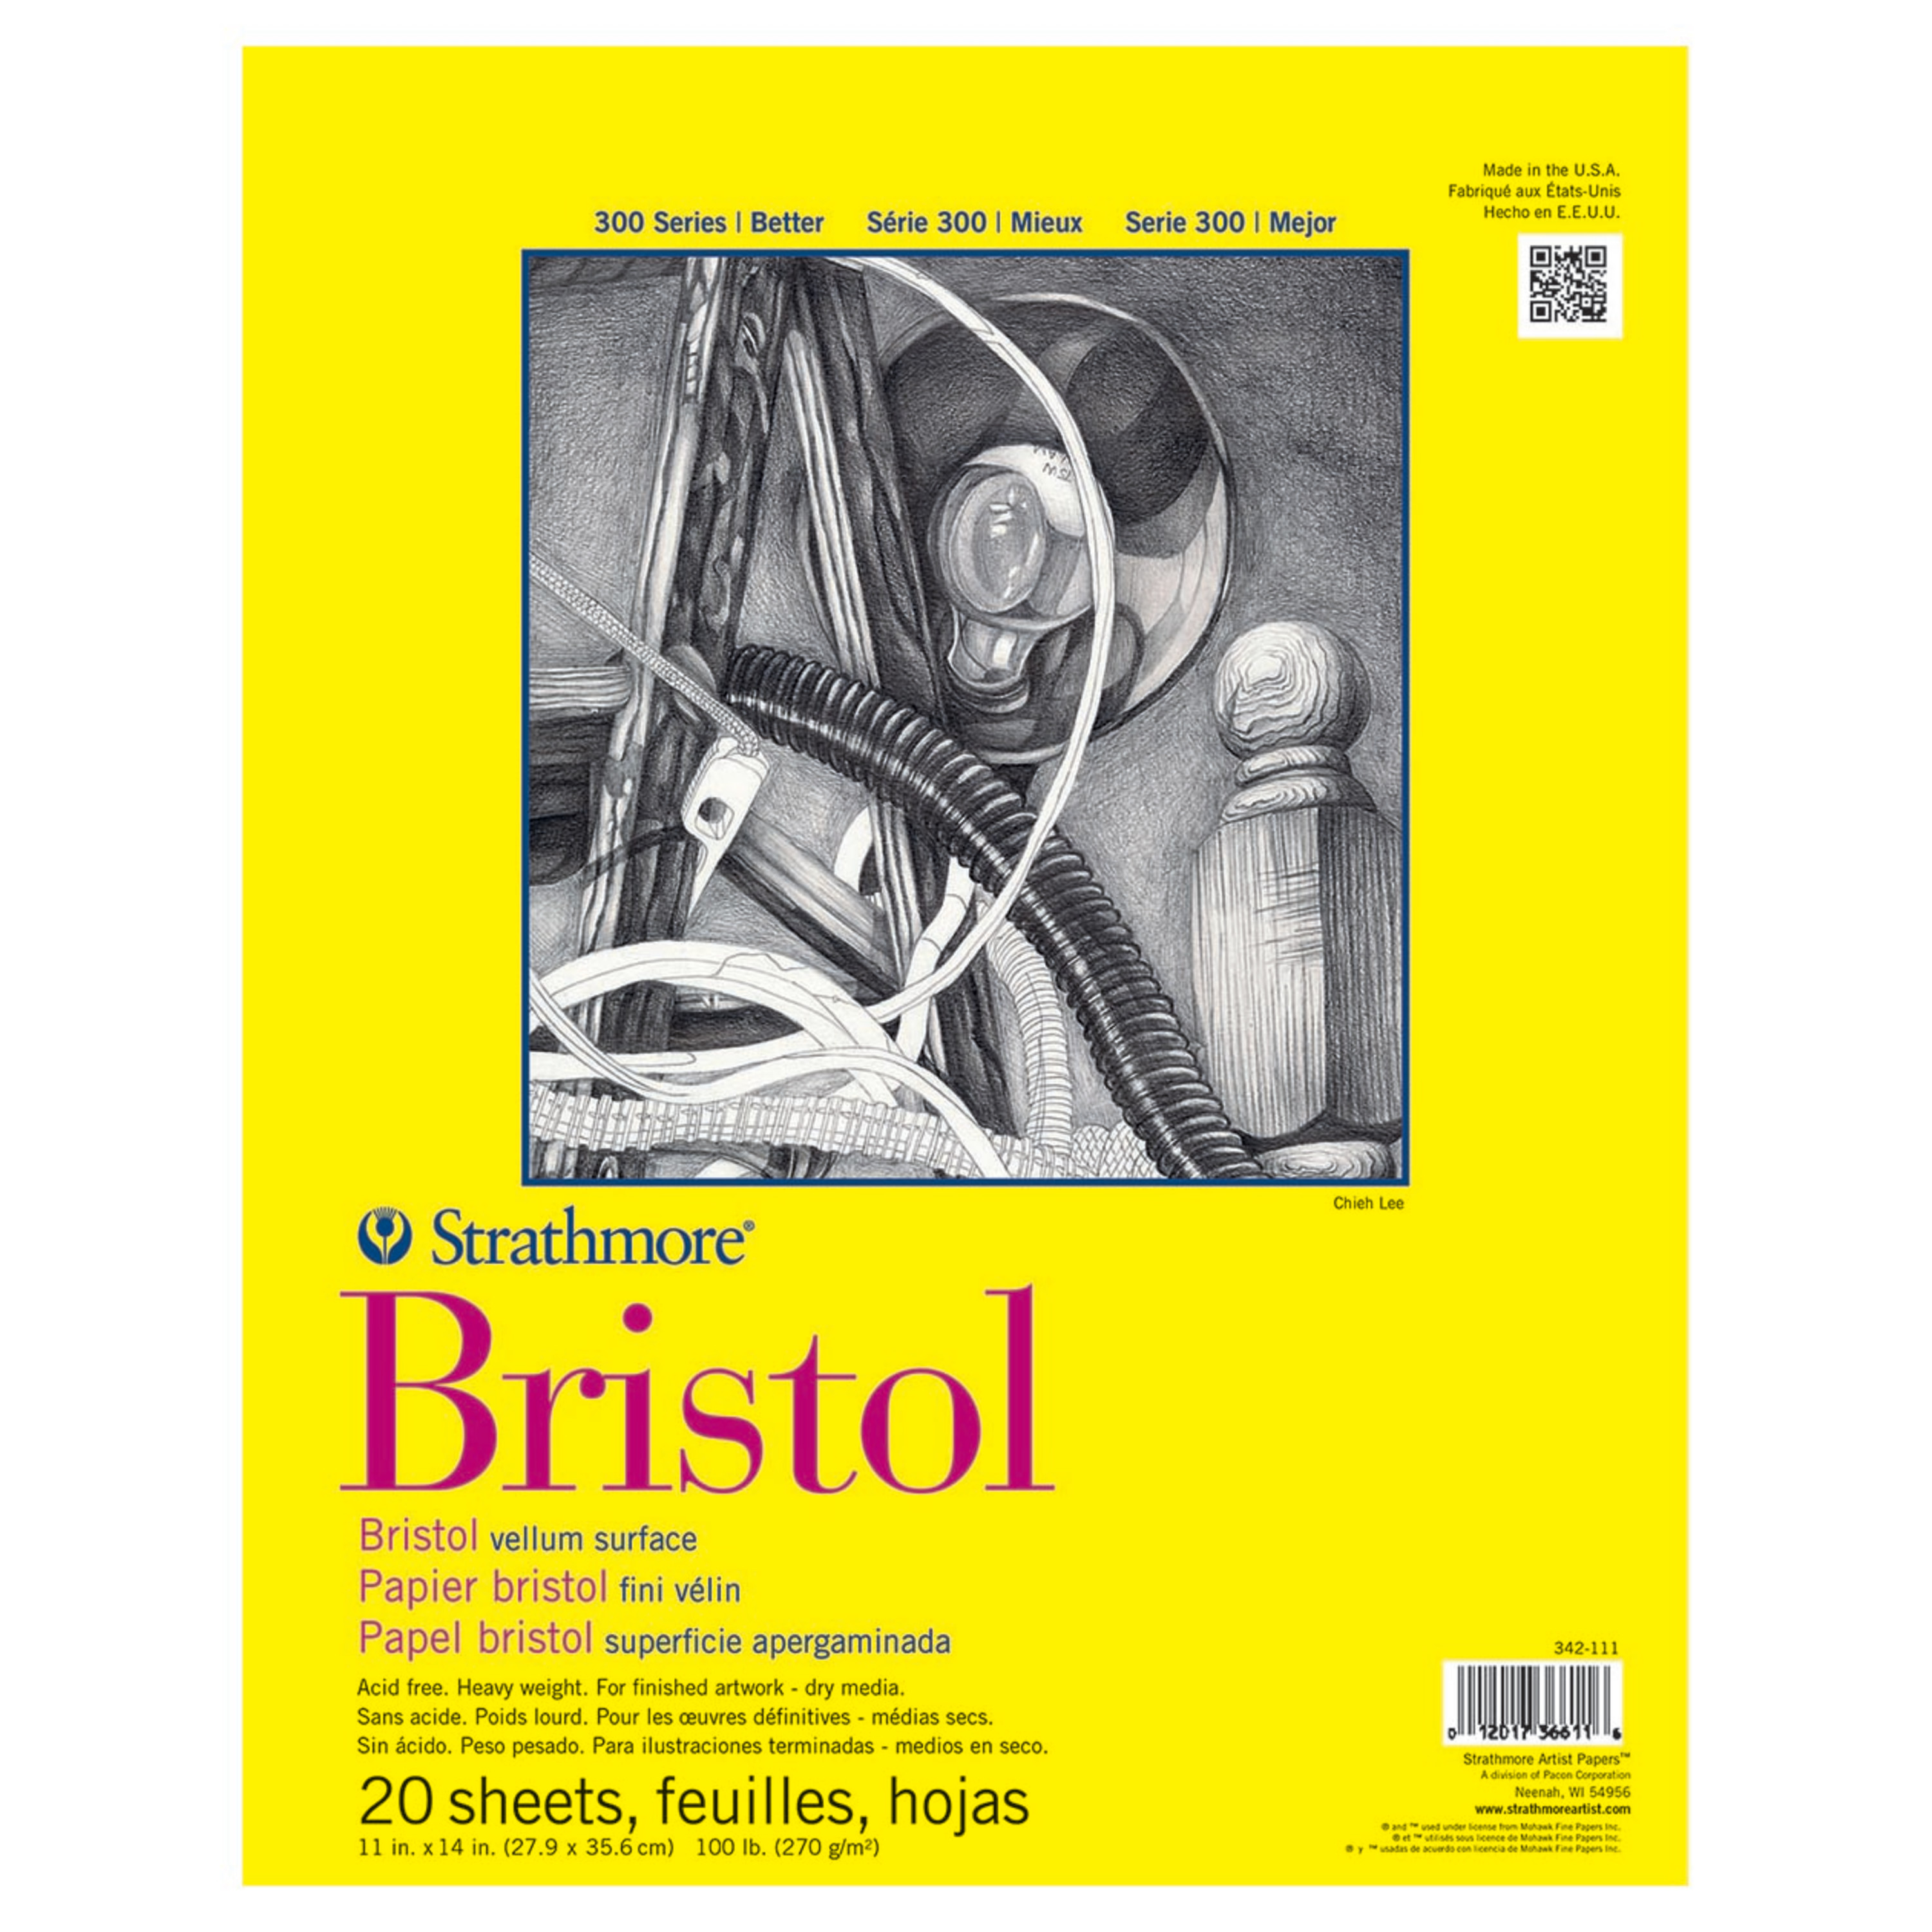 Strathmore Bristol Paper Pad, 300 Series, Regular, 11in x 14inin